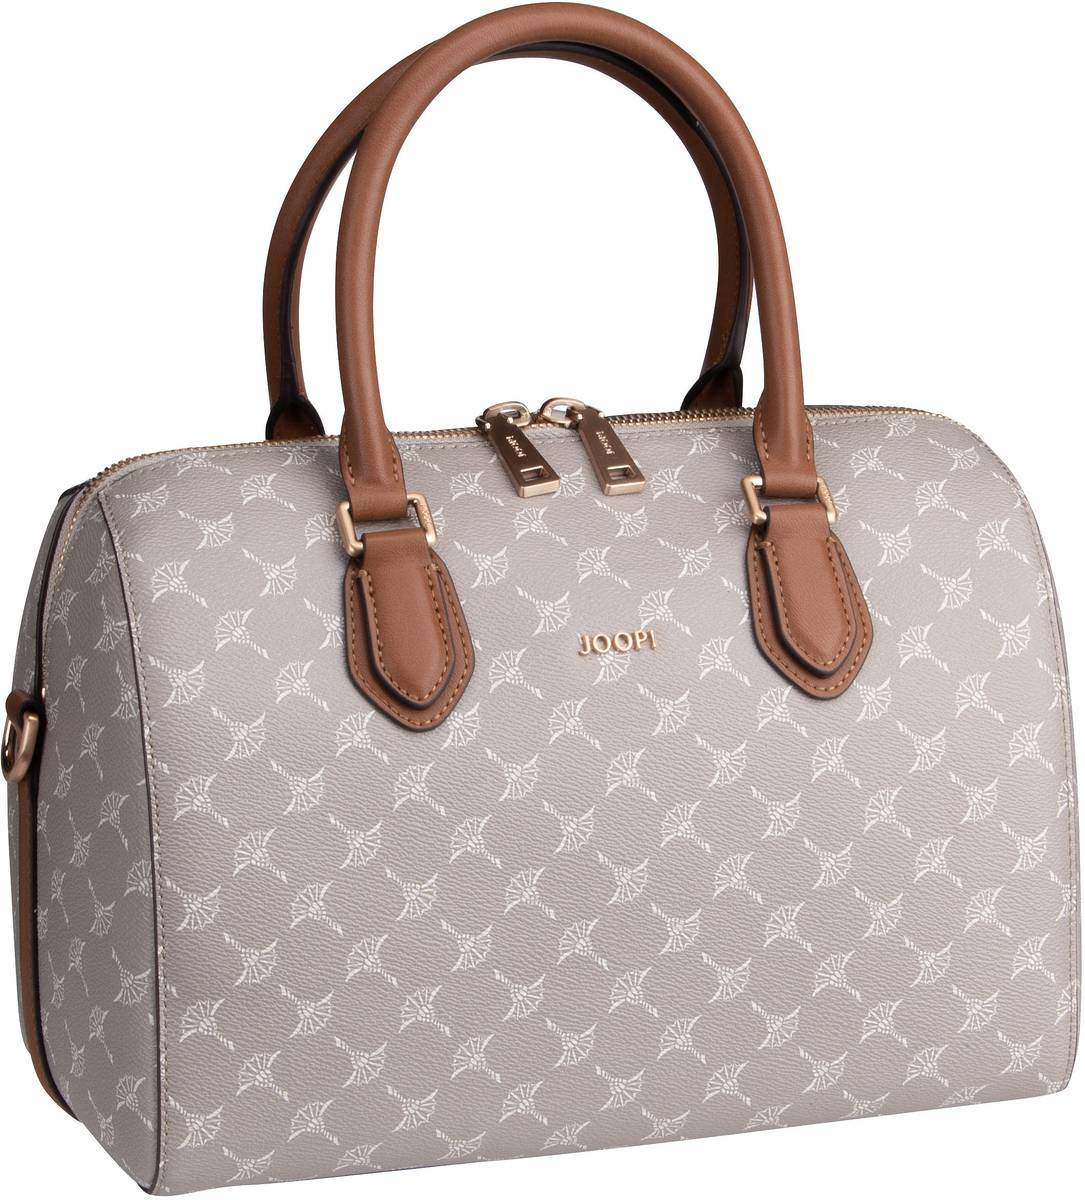 Handtasche Cortina Aurora HandBag SHZ Beige